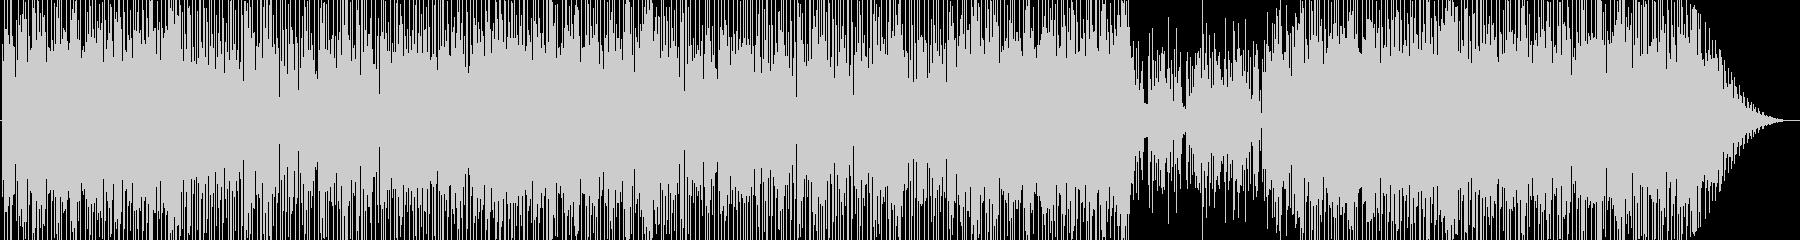 和楽器によるポップなEDM・ヒップホップの未再生の波形